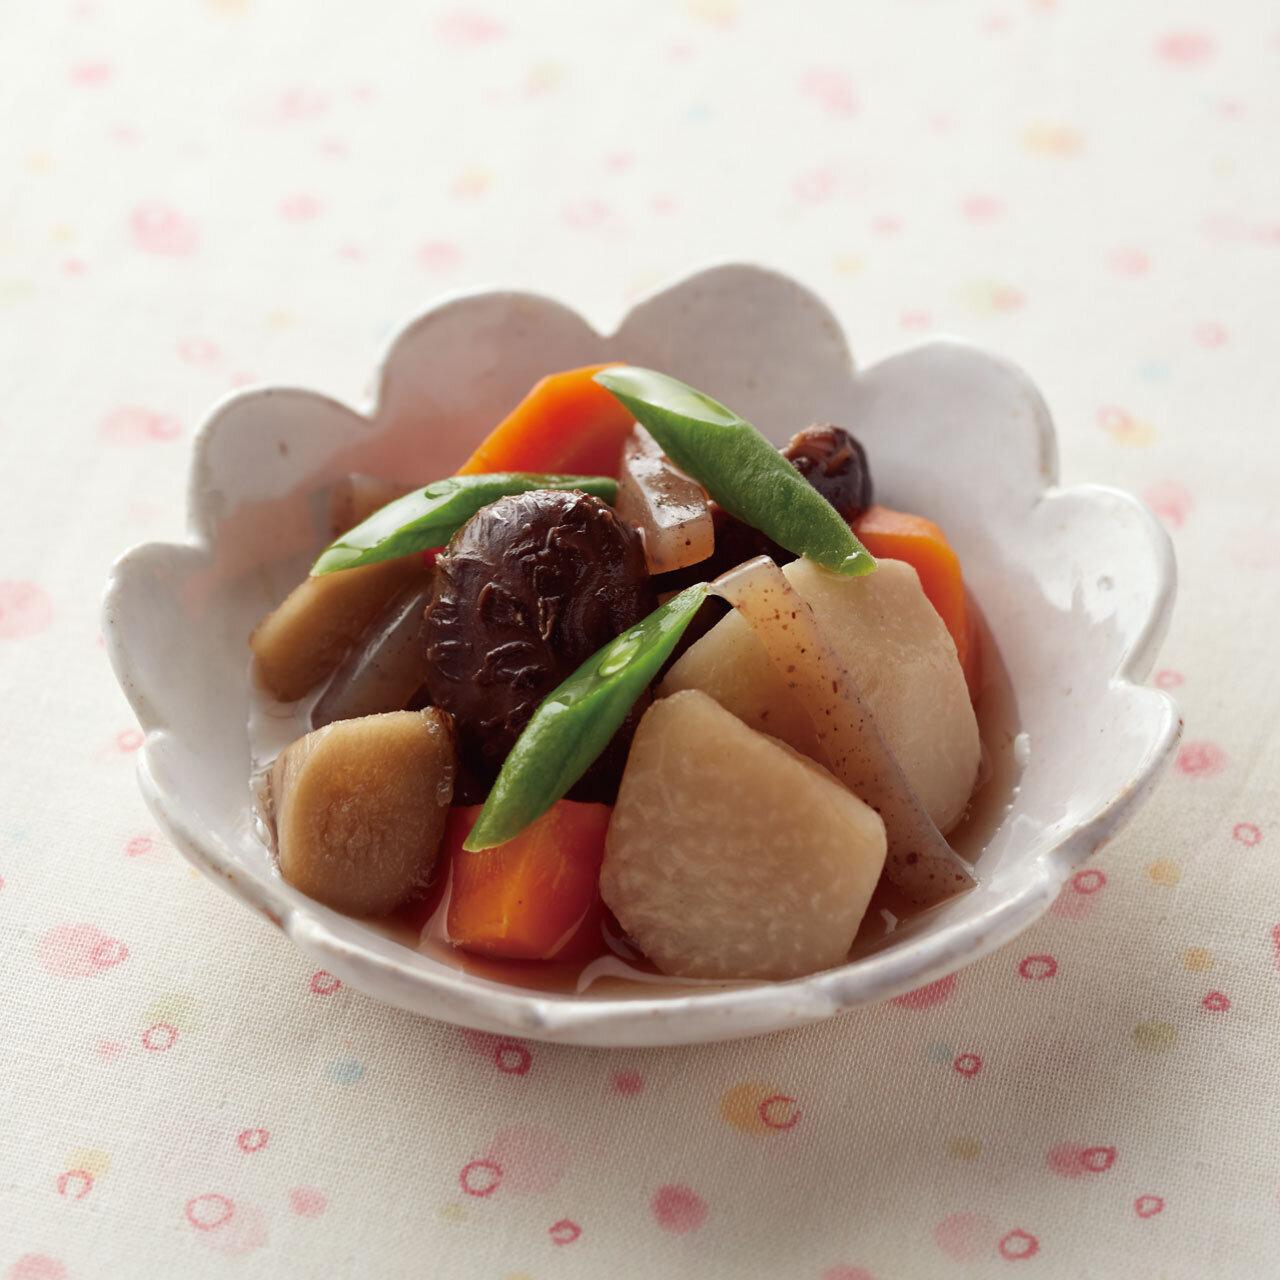 【アレルギー対応】根菜のコンソメ煮